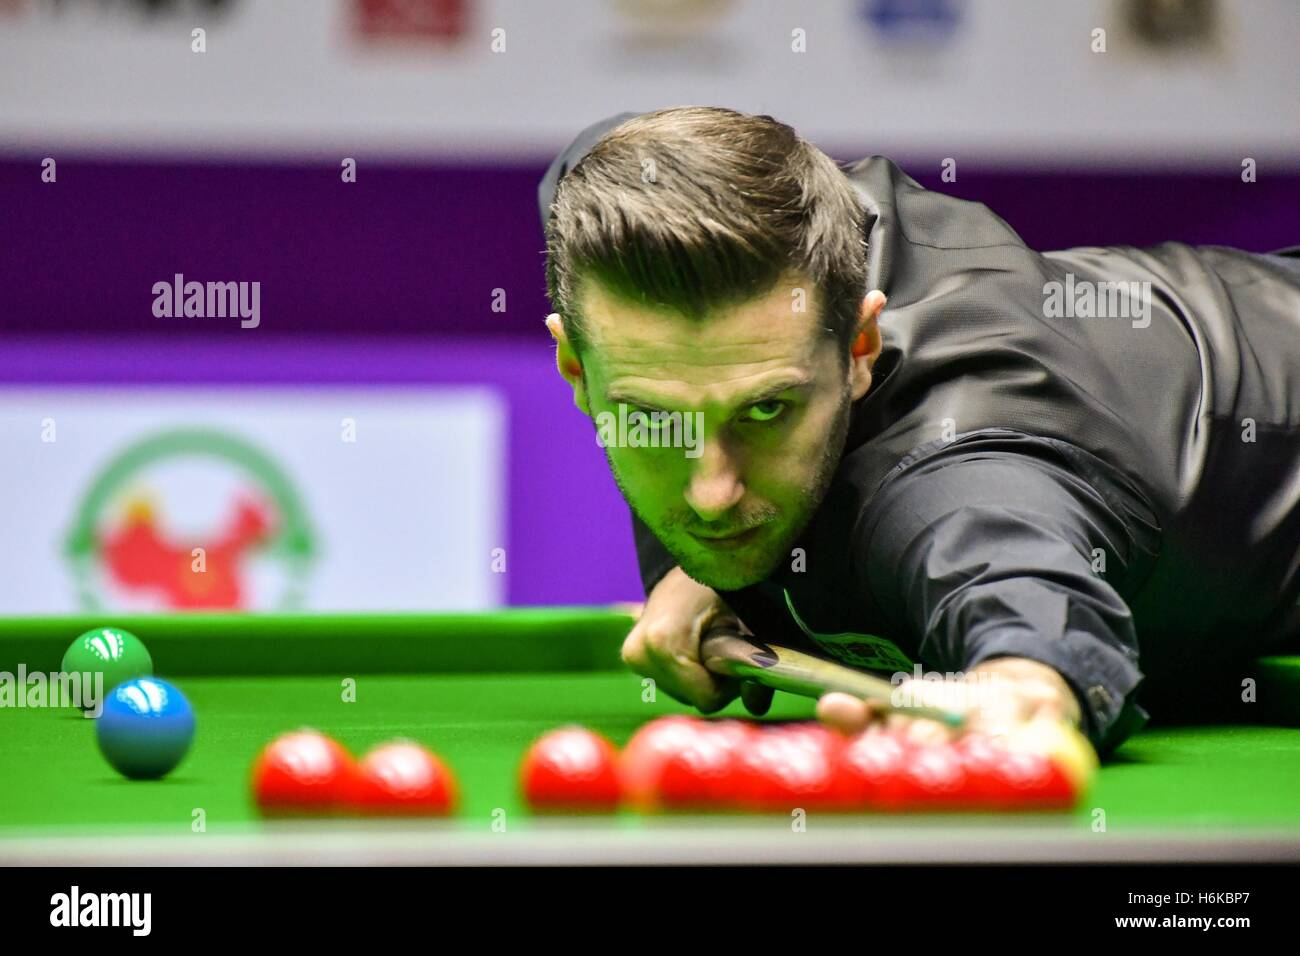 Daqing, la Cina della Provincia di Heilongjiang. 30 ott 2016. Mark Selby di Inghilterra compete durante il match Immagini Stock